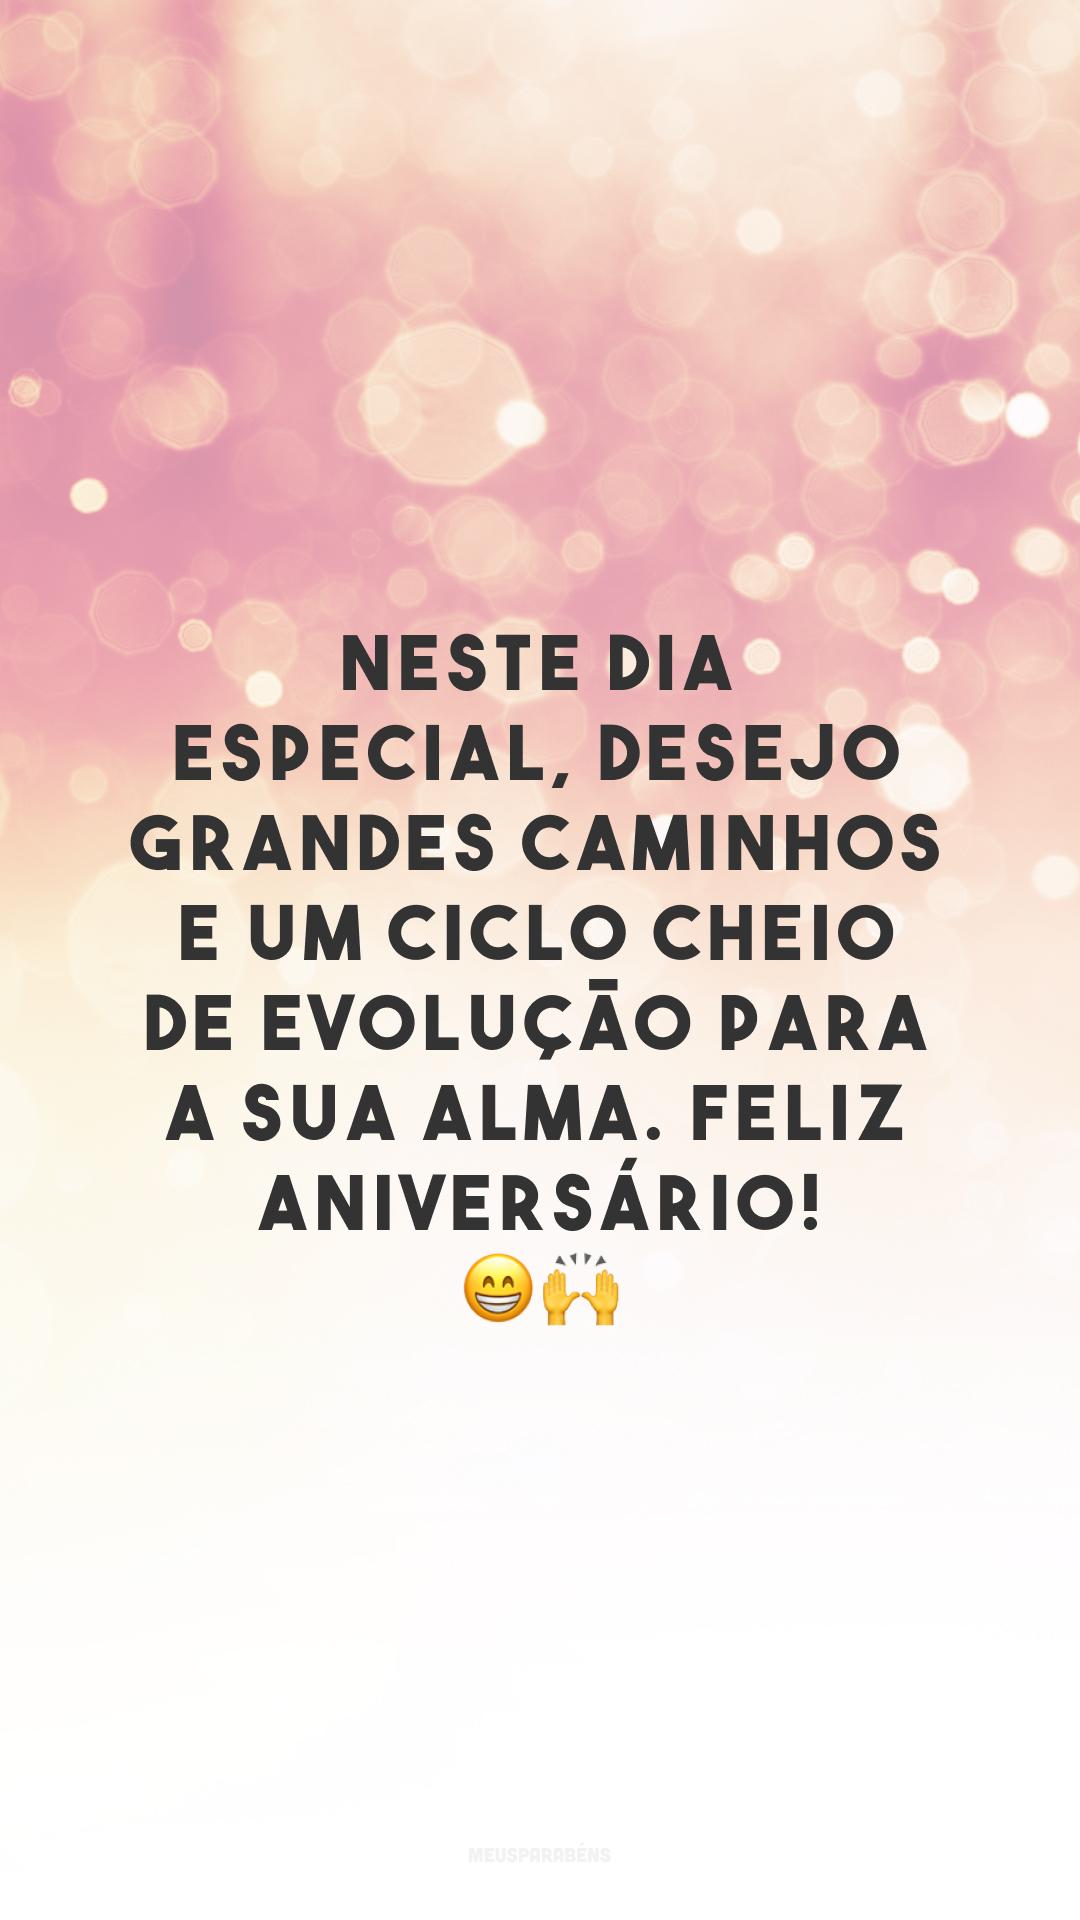 Neste dia especial, desejo grandes caminhos e um ciclo cheio de evolução para a sua alma. Feliz aniversário! 😁🙌